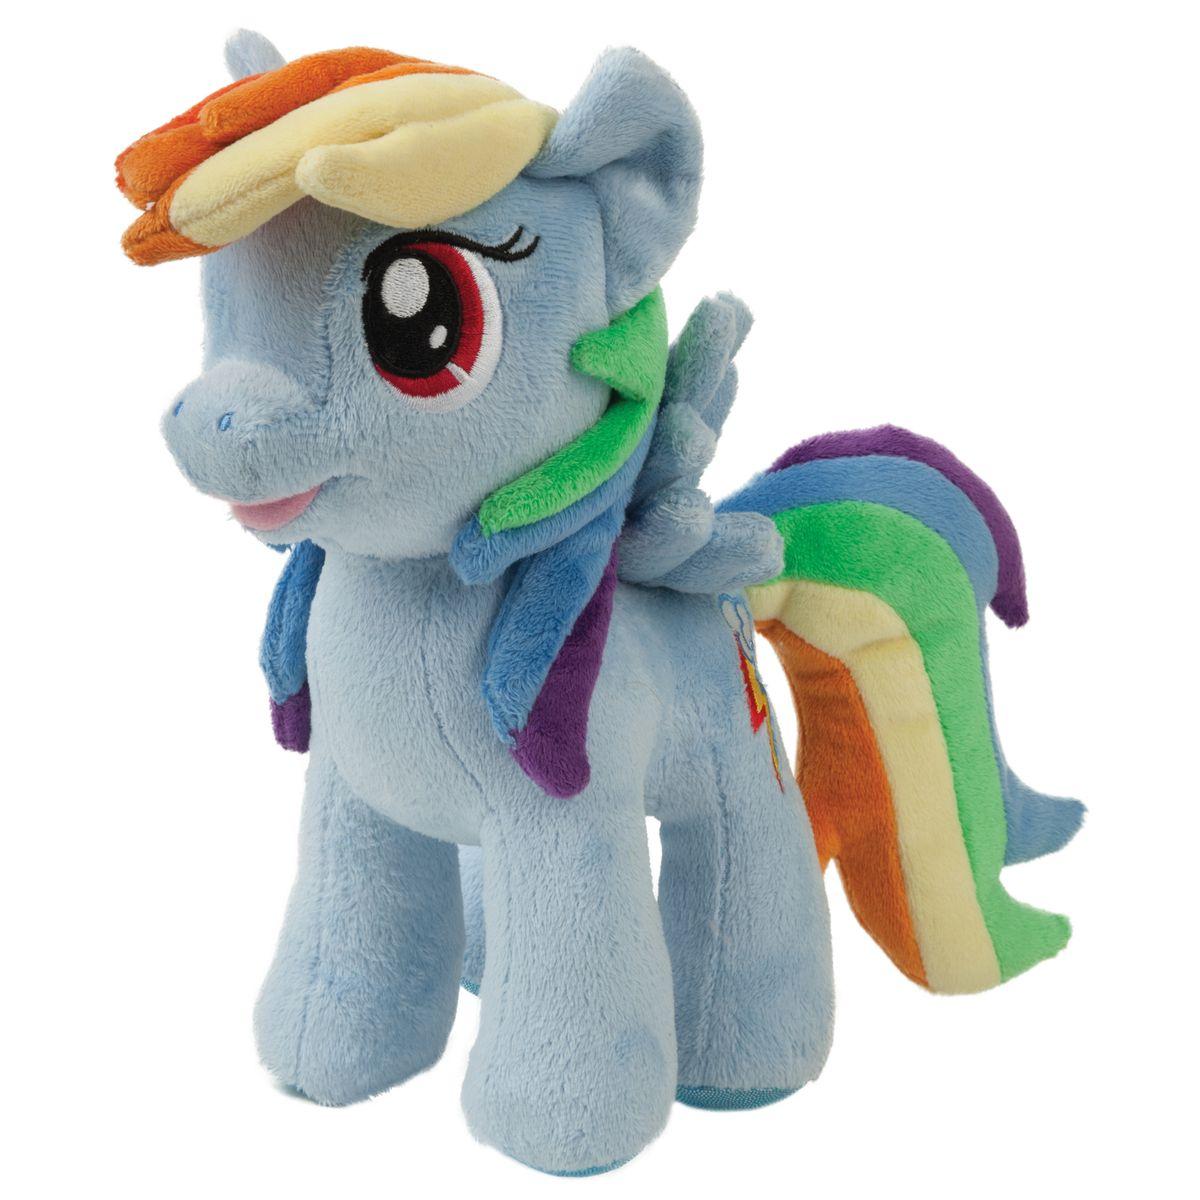 Мульти-Пульти Мягкая игрушка Пони Радуга 23 смV27483/23Мягкая игрушка сама по себе ассоциируется с радостью и весельем, конечно, и для наших детей такой подарок станет поистине незабываемым. Забавные, добрые мягкие игрушки радуют детей с самого рождения. Ведь уже в первые месяцы жизни ребенок проявляет интерес к плюшевым зверятам и необычным персонажам. Сначала они помогают ему познавать окружающий мир через тактильные ощущения, знакомят его с животным миром нашей планеты, формируют цветовосприятие и способствуют концентрации внимания.